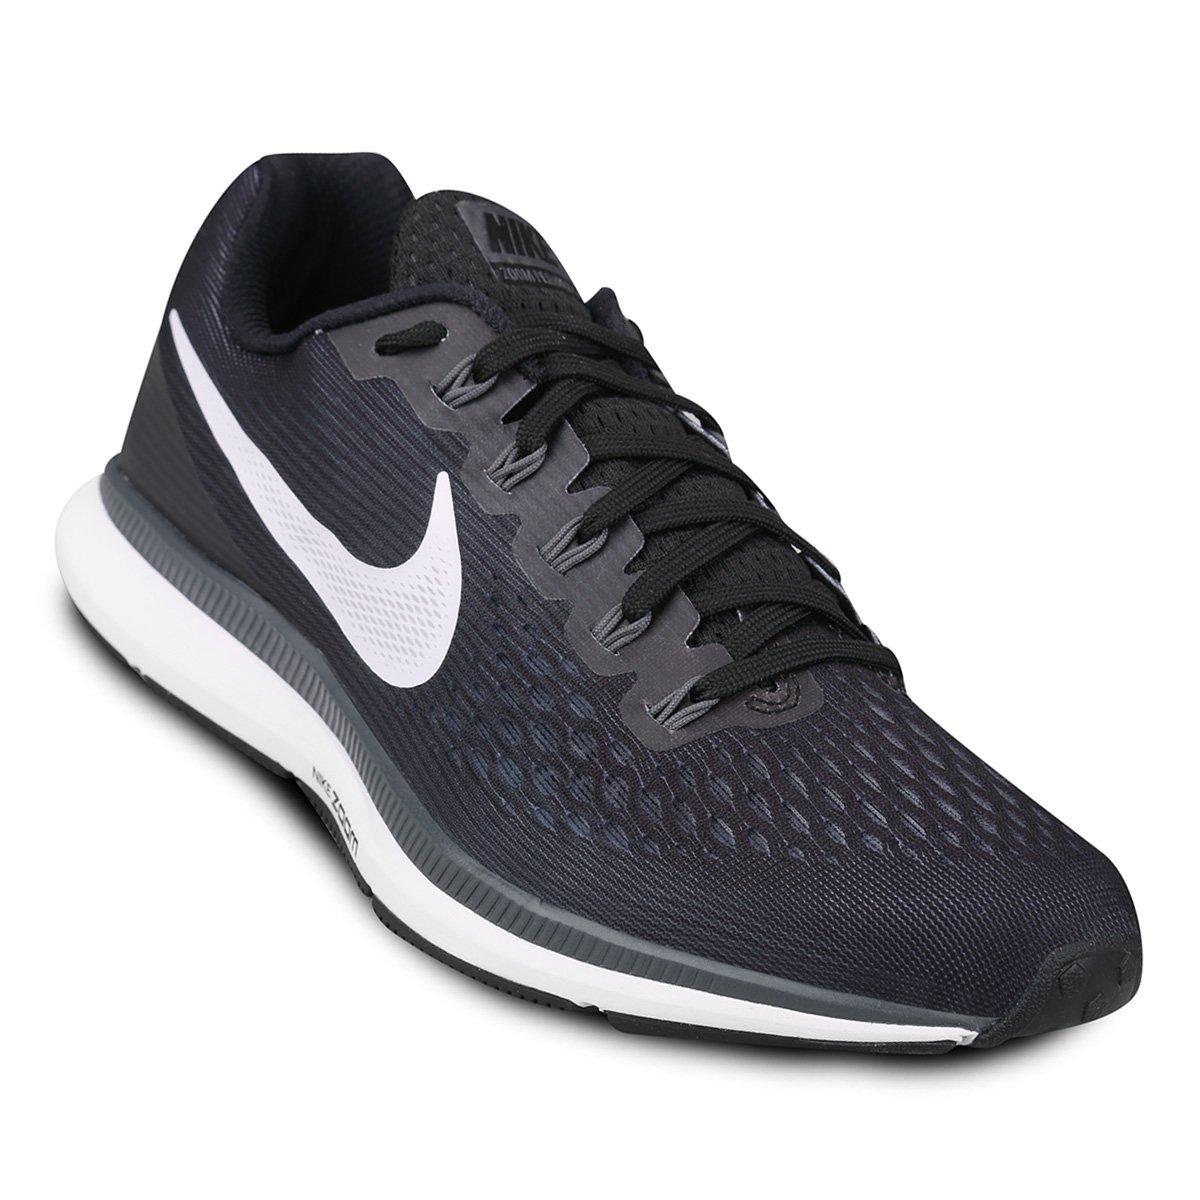 sports shoes e7c6a 8794a zapatillas nike pegasus 34 hombre running negro liquido!! Cargando zoom.